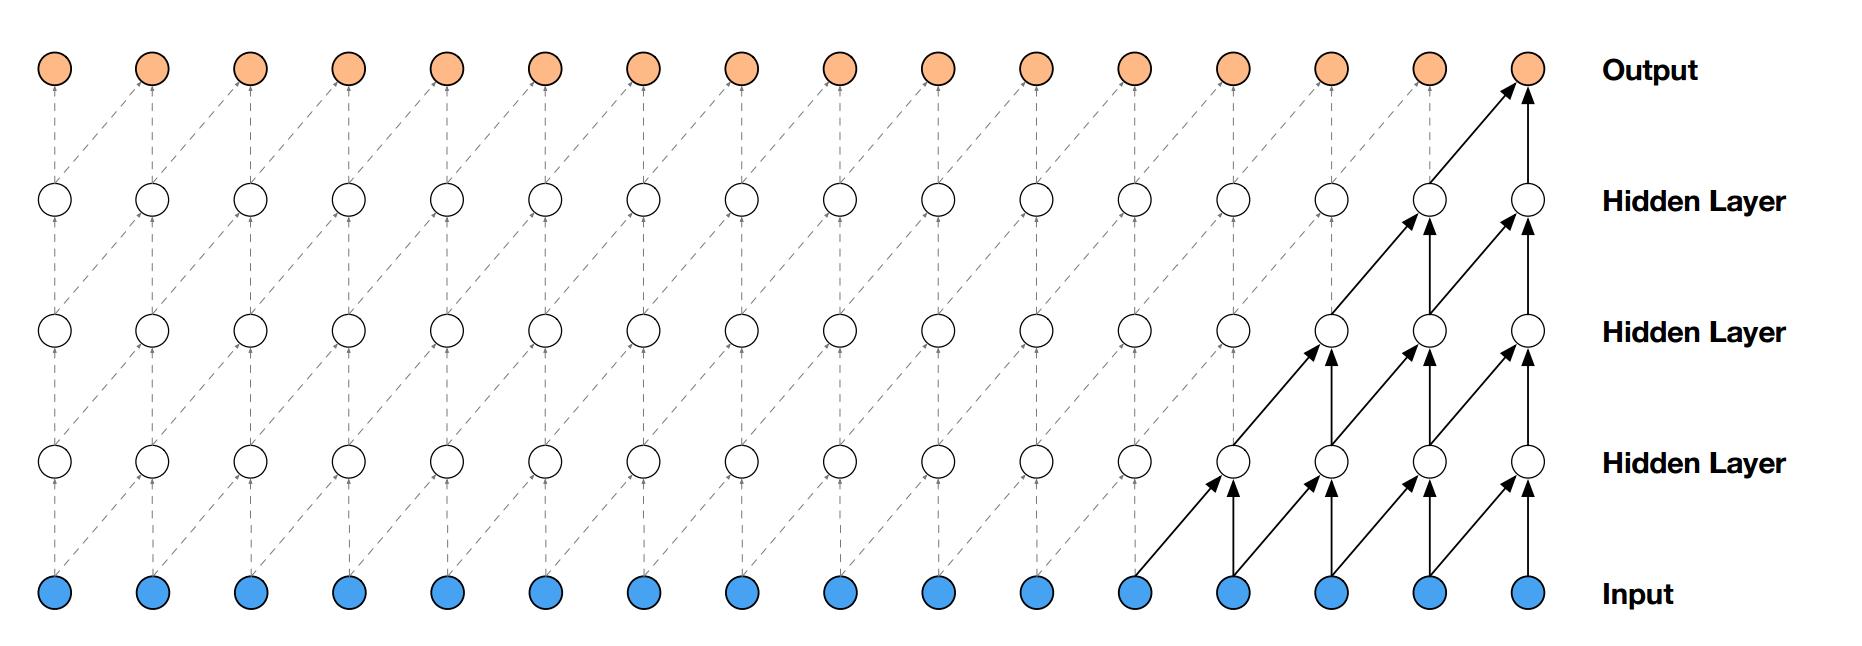 従来の畳み込み層の計算イメージ